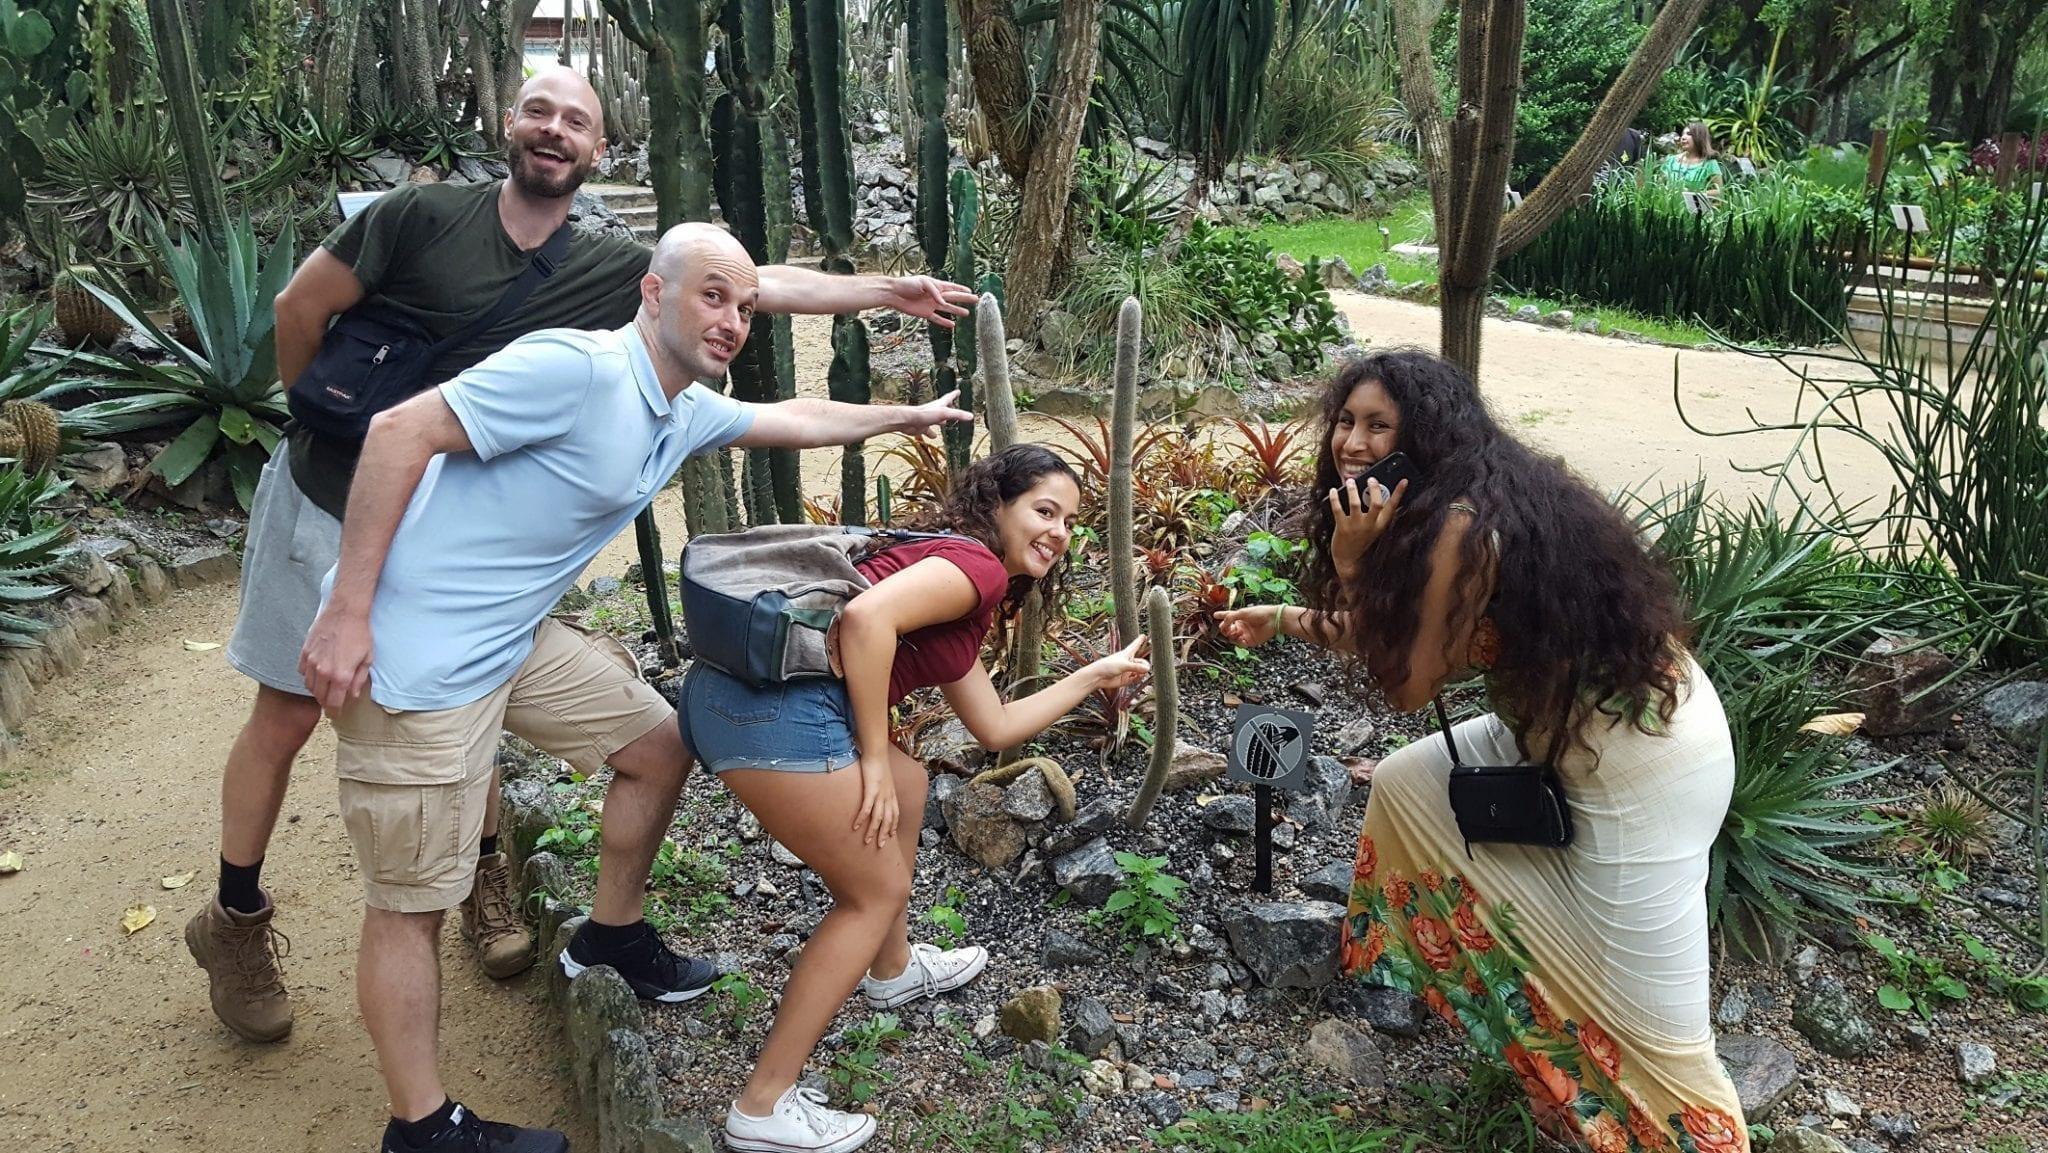 Estudantes fingindo tocar nos cactos do Jardim Botânico do Rio de Janeiro.